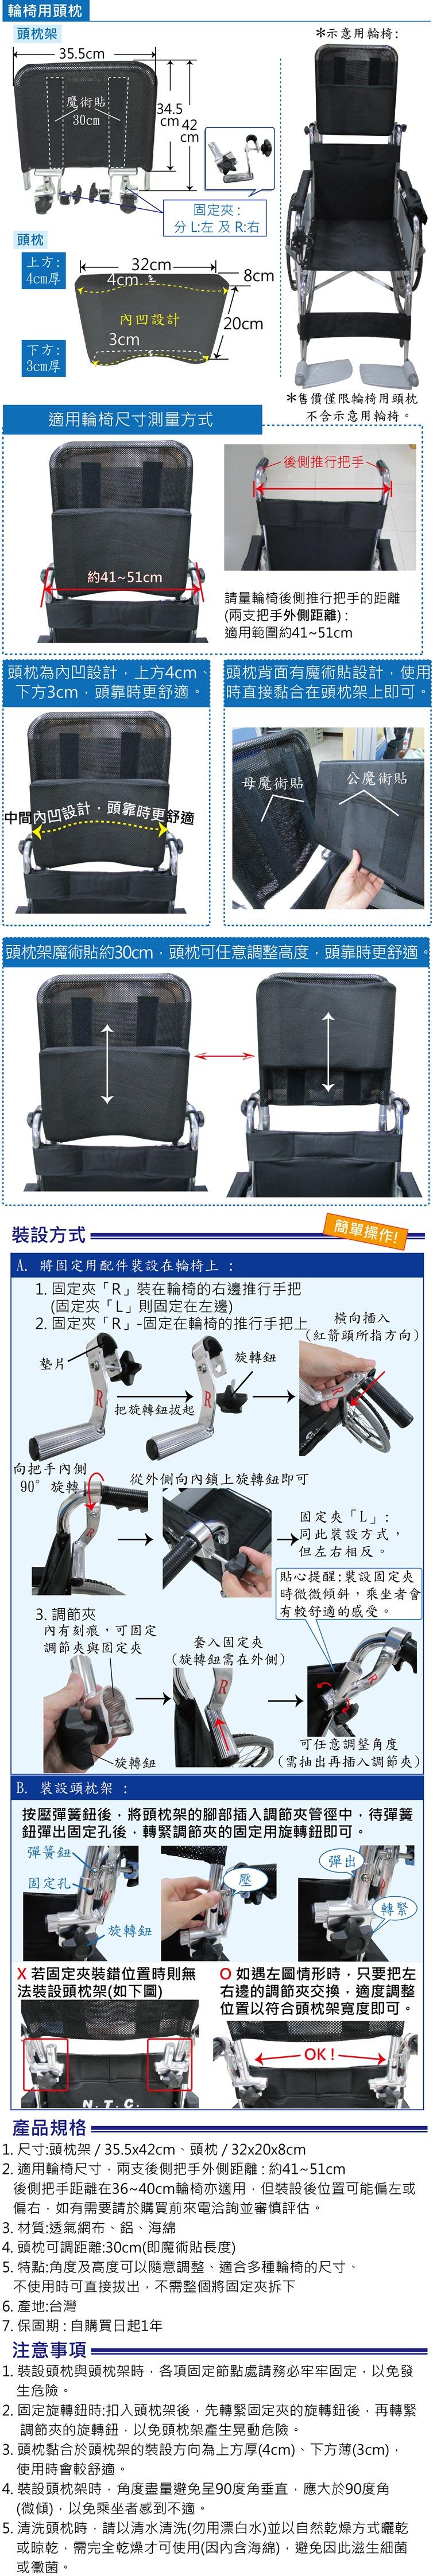 輪椅用頭靠枕:老人用品,銀髮族、行動不便者適用。輪椅頭枕,可調整角度、高度,方便實用,不用時也不必完全拆下,適合多種輪椅尺寸。